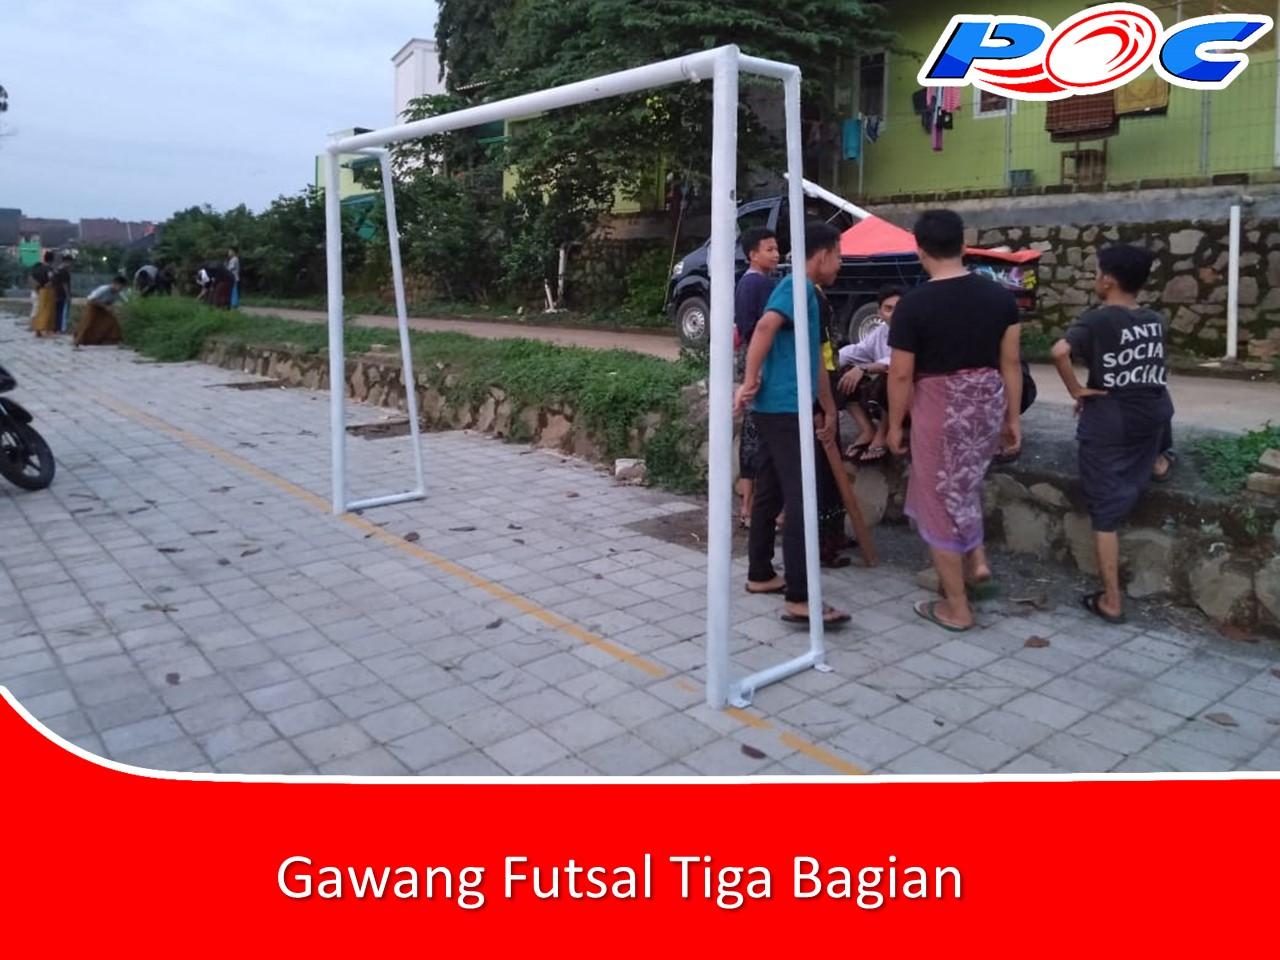 Gawang Futsal Tiga Bagian